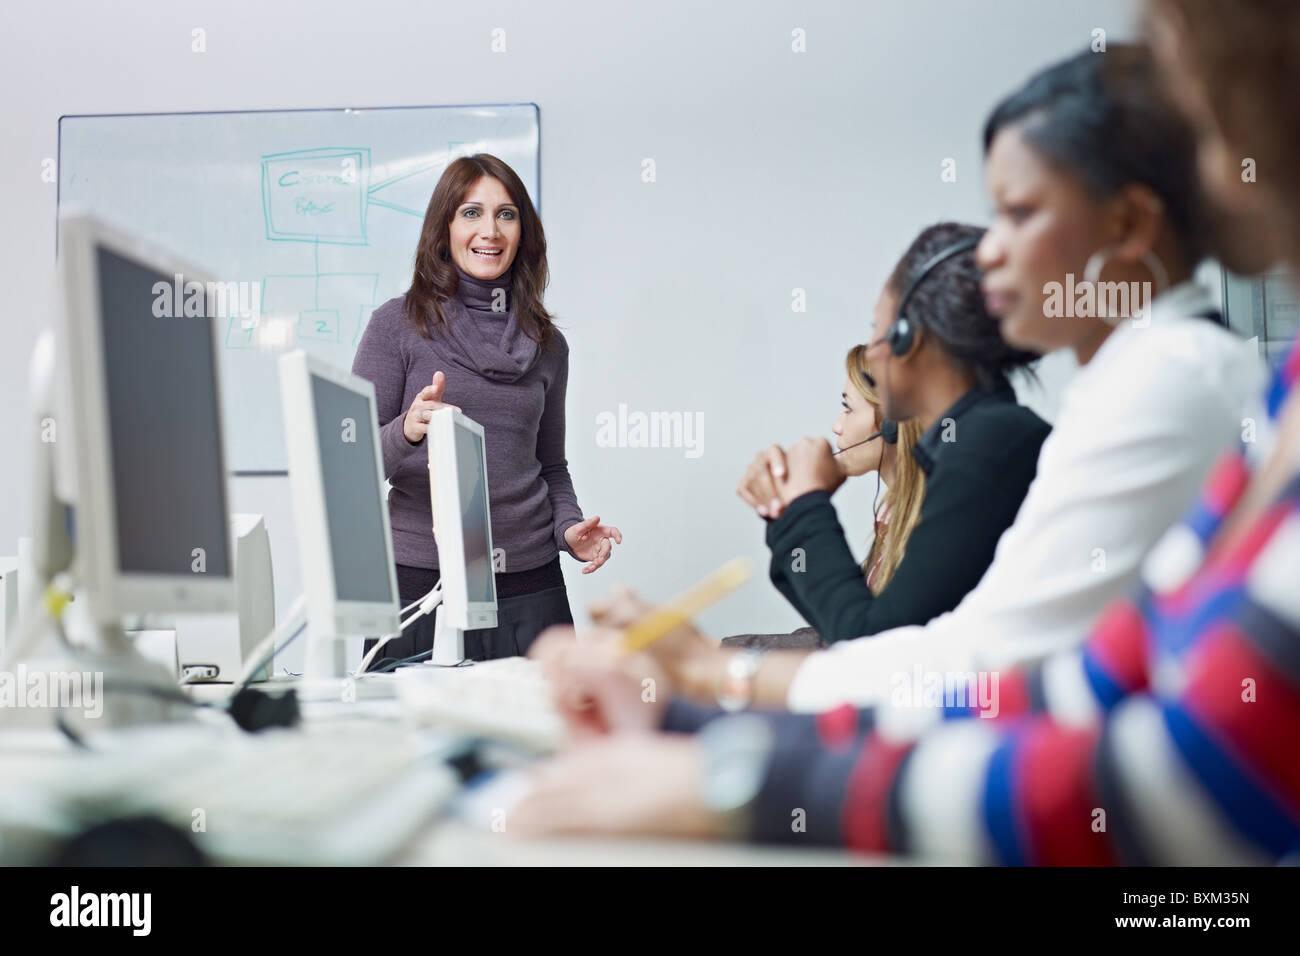 multiethnische Gruppe von weiblichen Kundendienstmitarbeiter in eine Sitzung, Erwachsene Geschäftsfrau sprechen. Stockbild